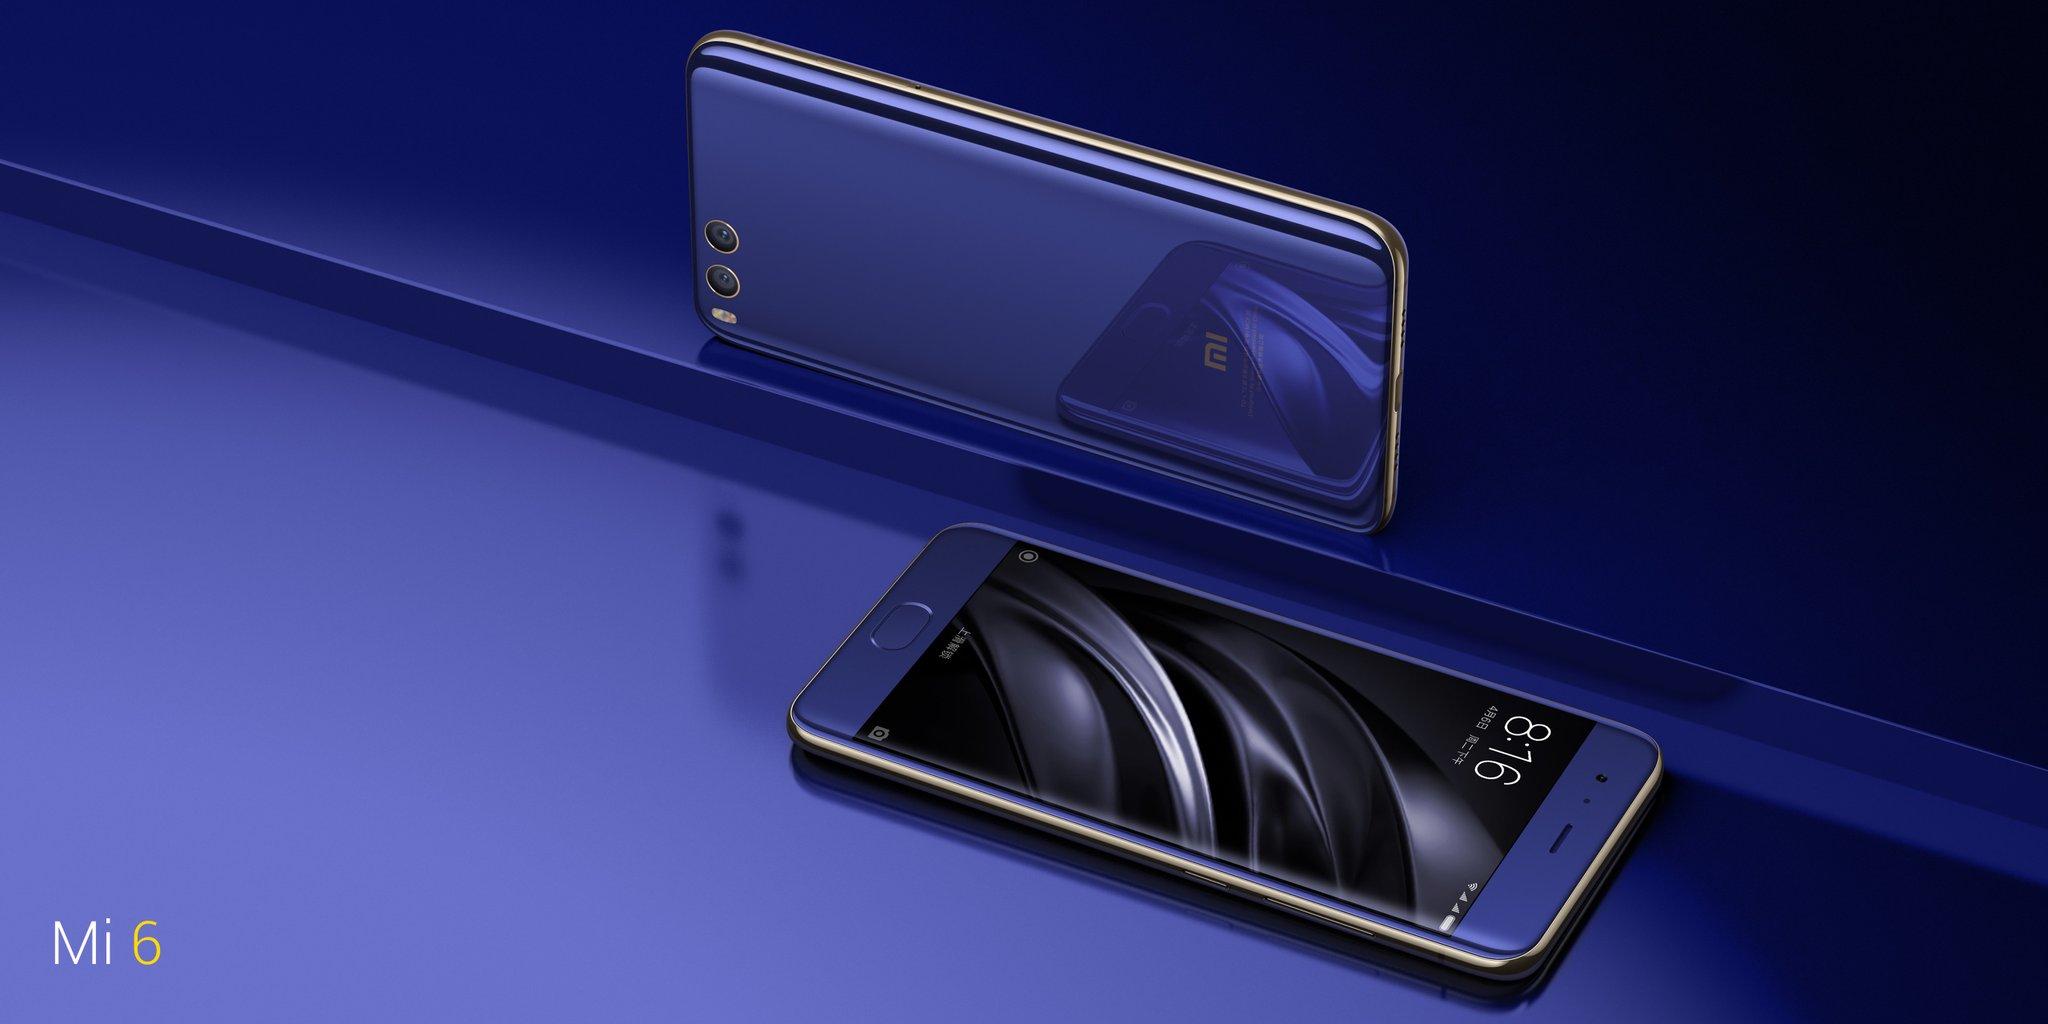 Voici le Xiaomi Mi 6, le nouveau flagship killer chinois